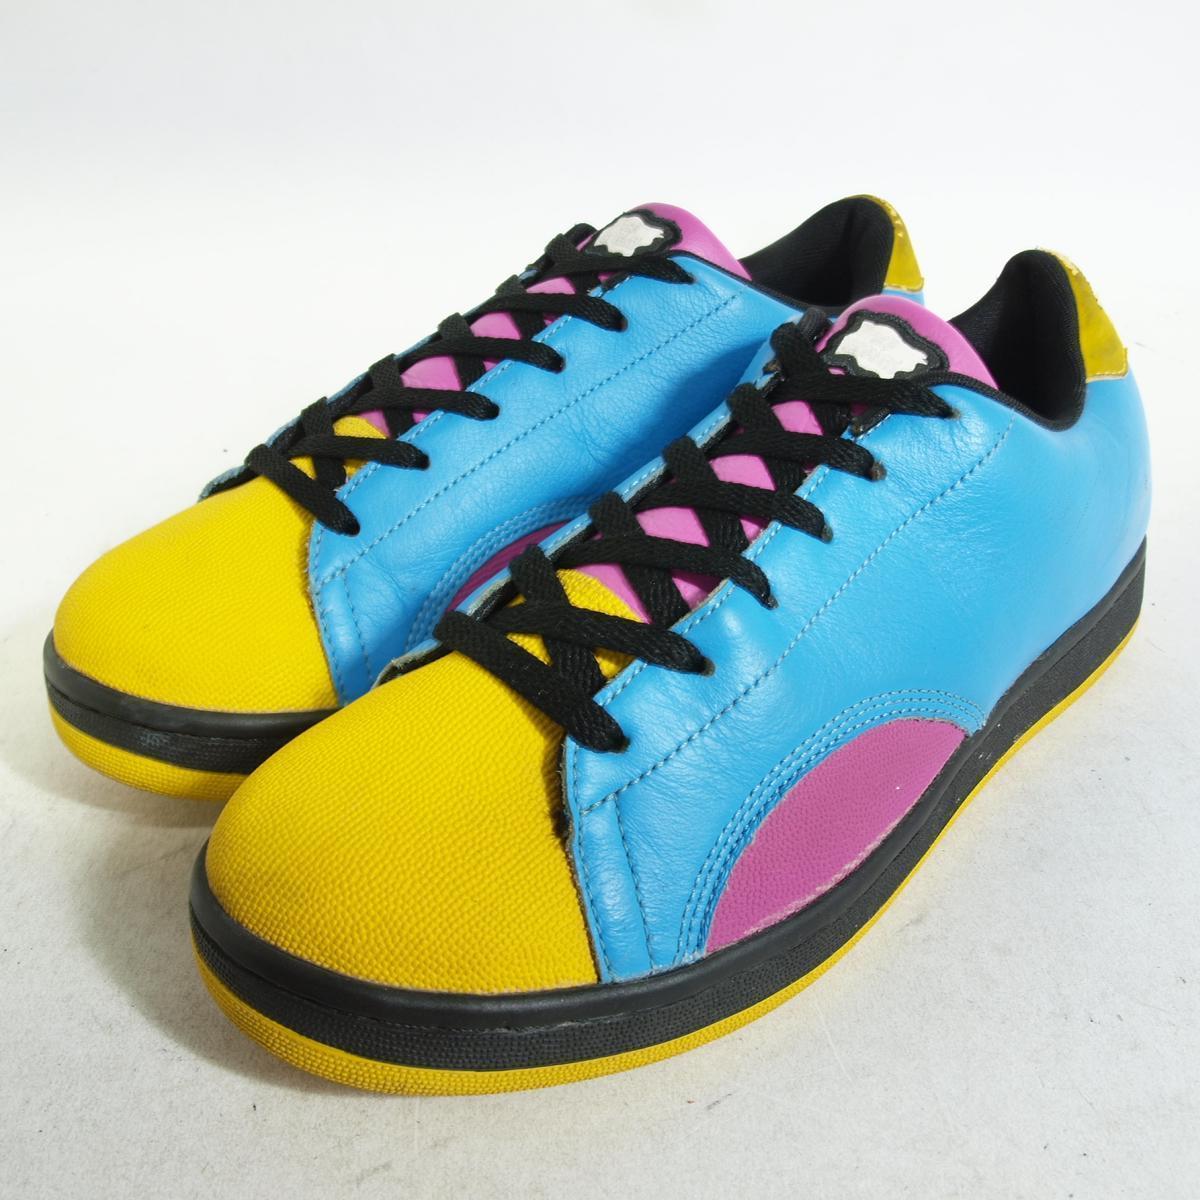 锐步 x 冰激淋板翻转 2 运动鞋,US9.5 男子 27.5 厘米锐步 /boj2595 160827